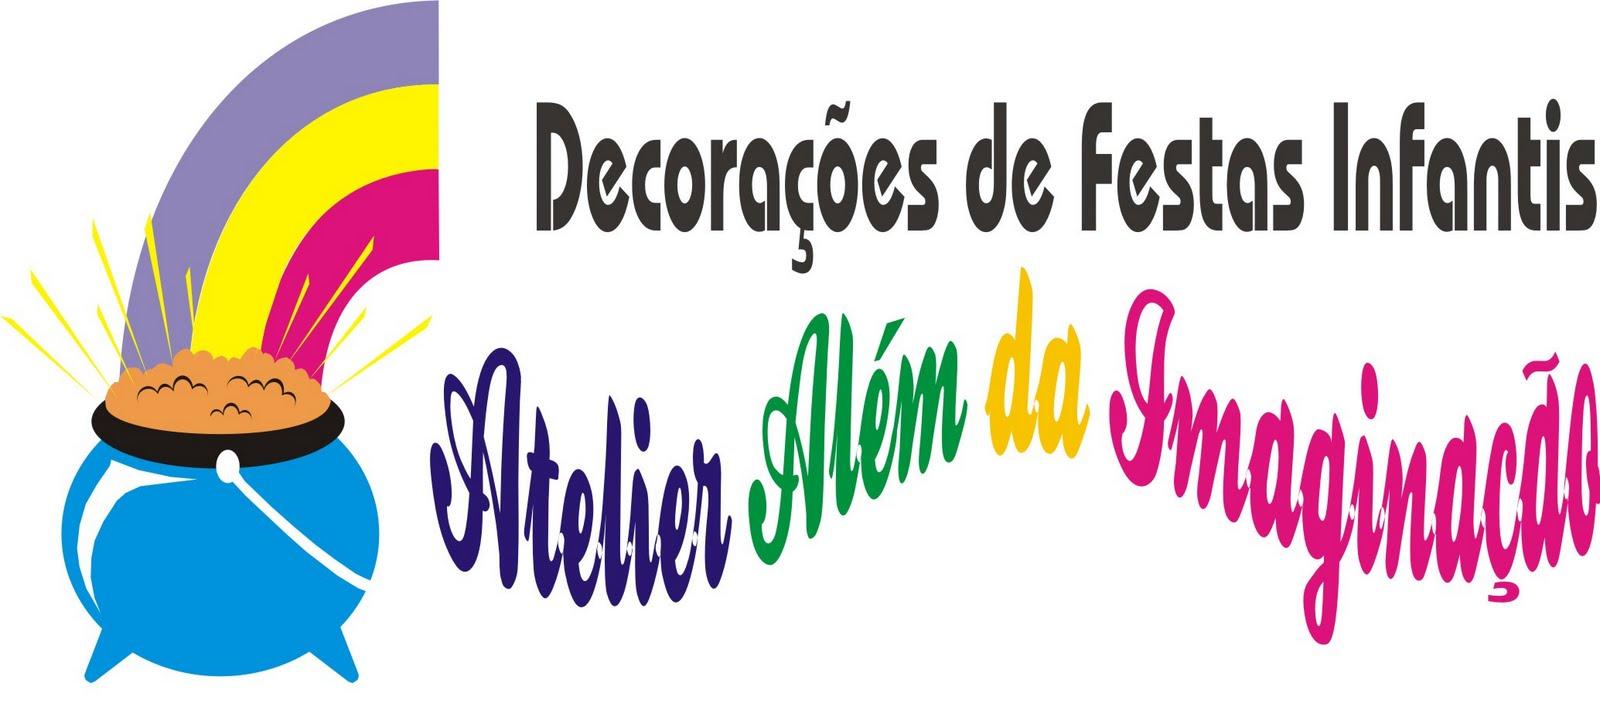 Atelier Além da Imaginação Festas Infantis